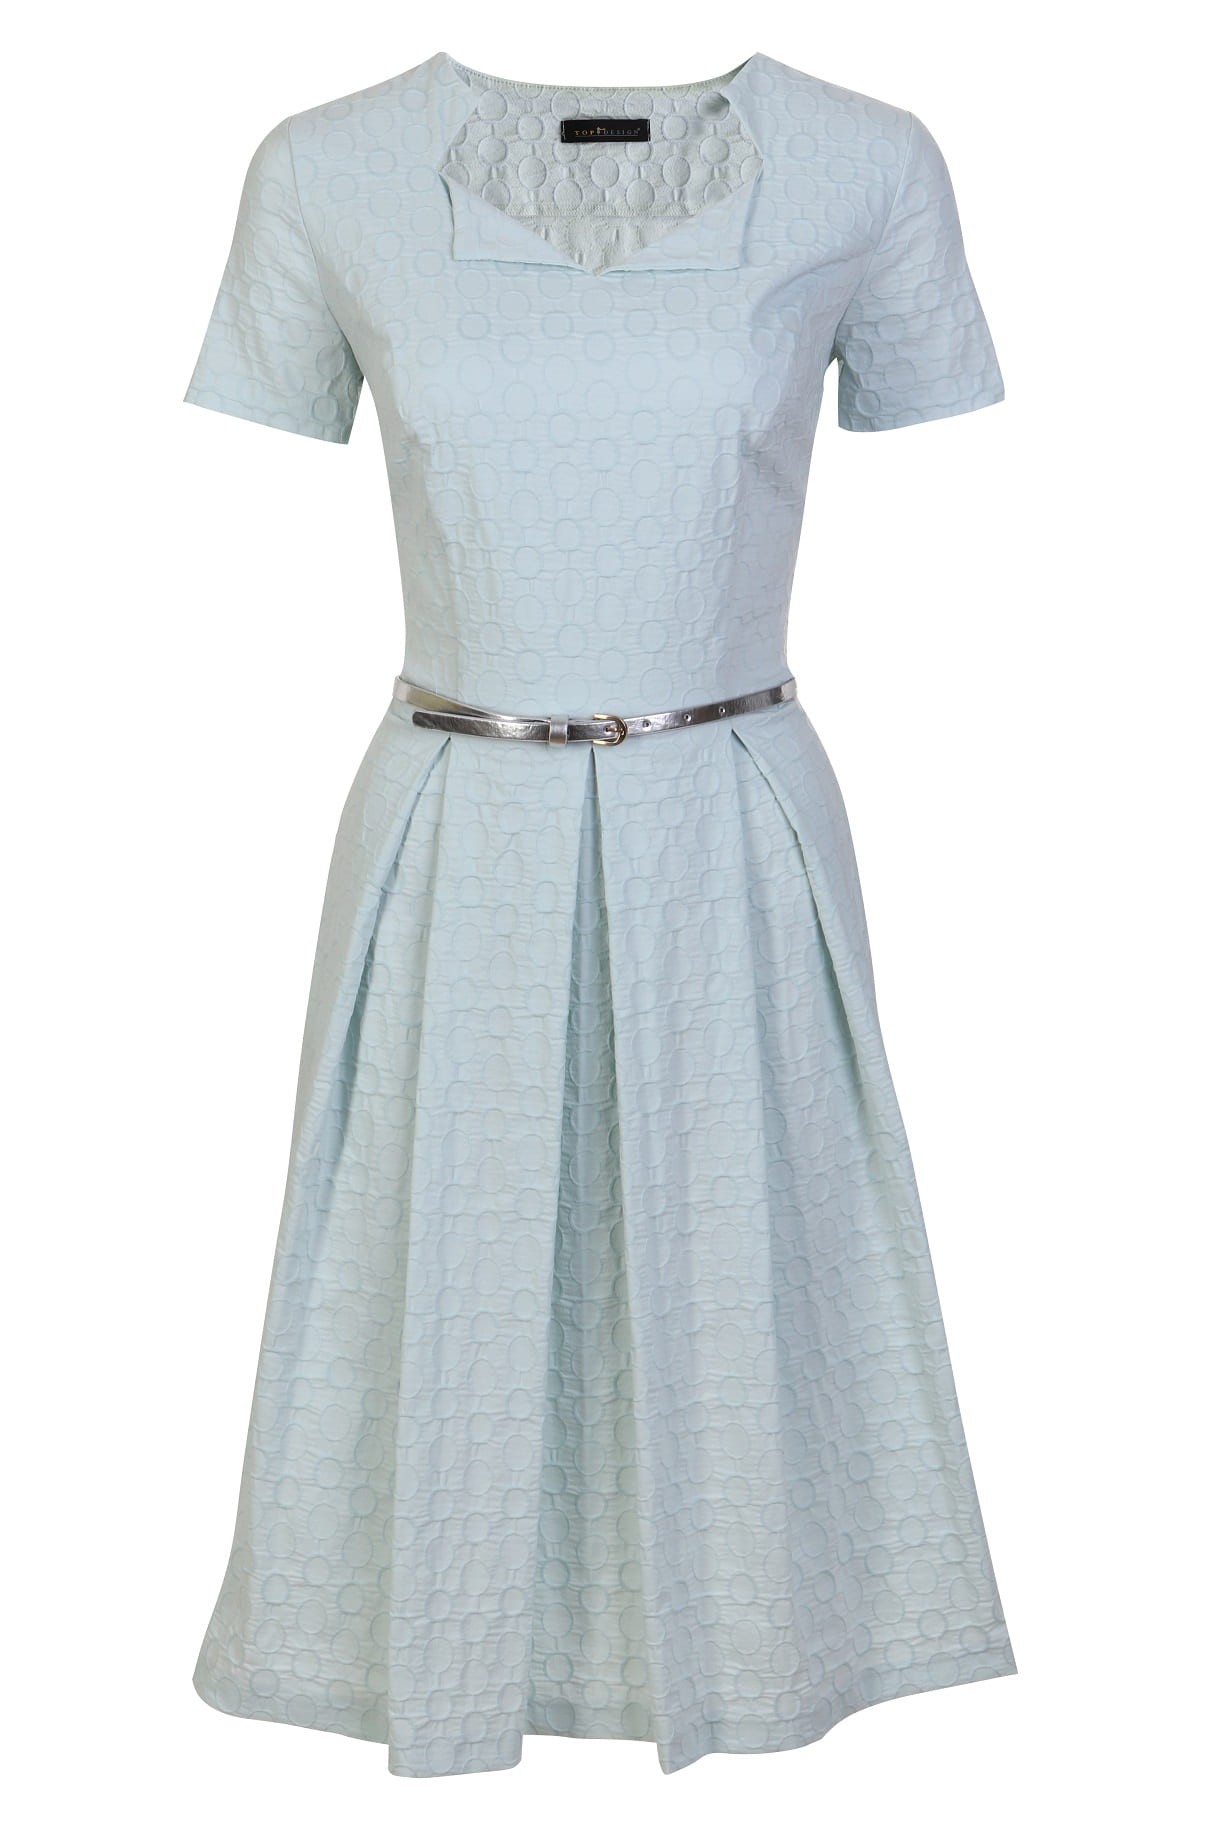 Хлопковое платье TopDesign РА7 01